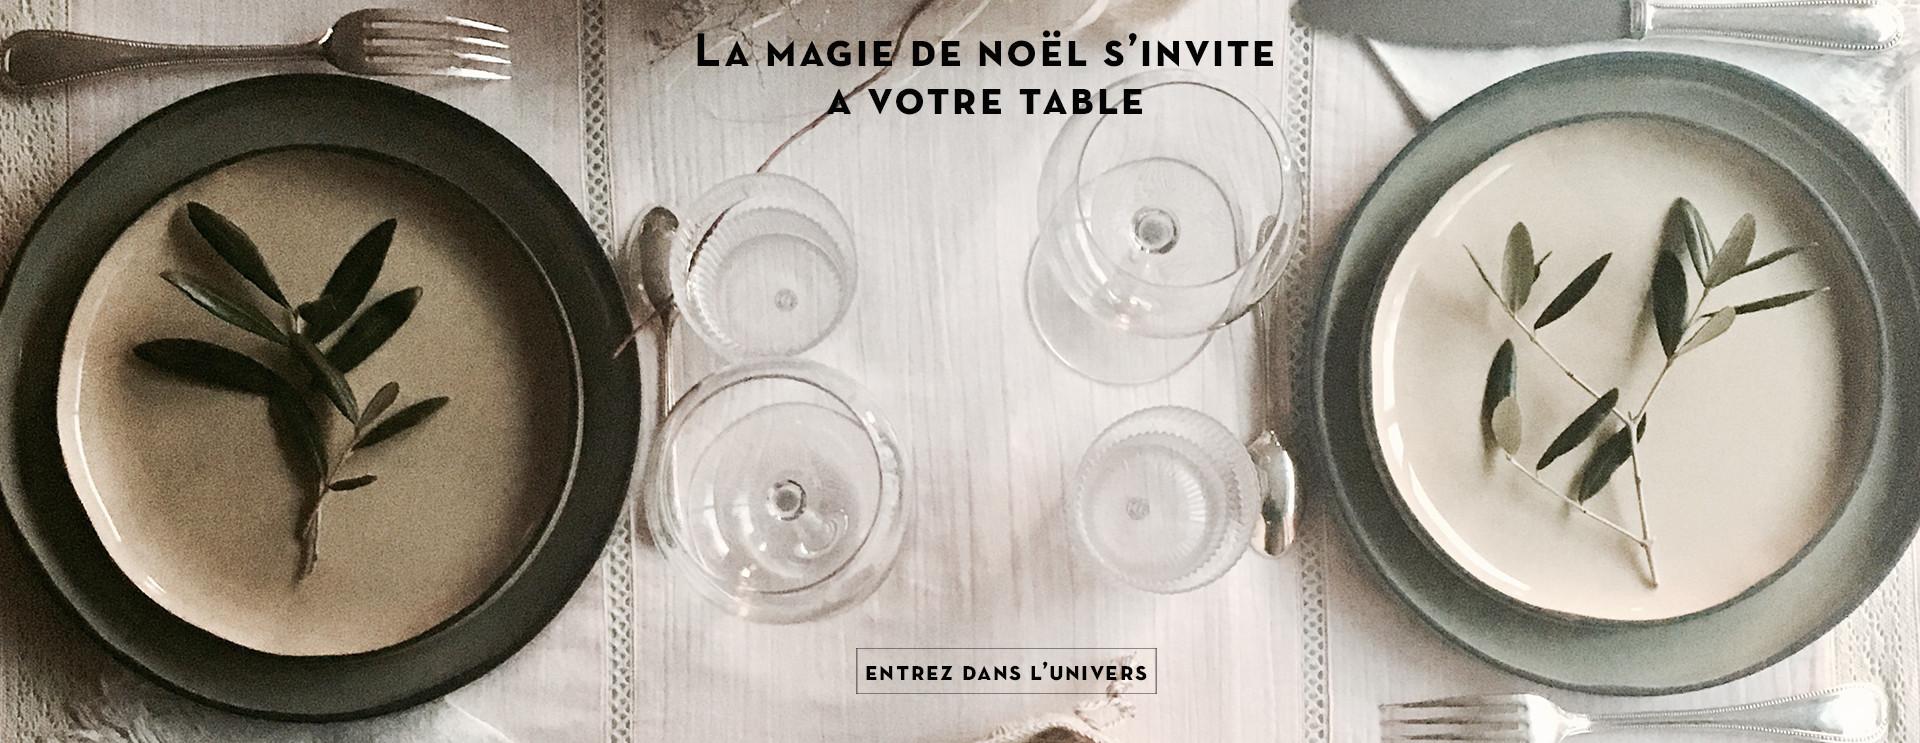 La magie de noël s'invite à votre table